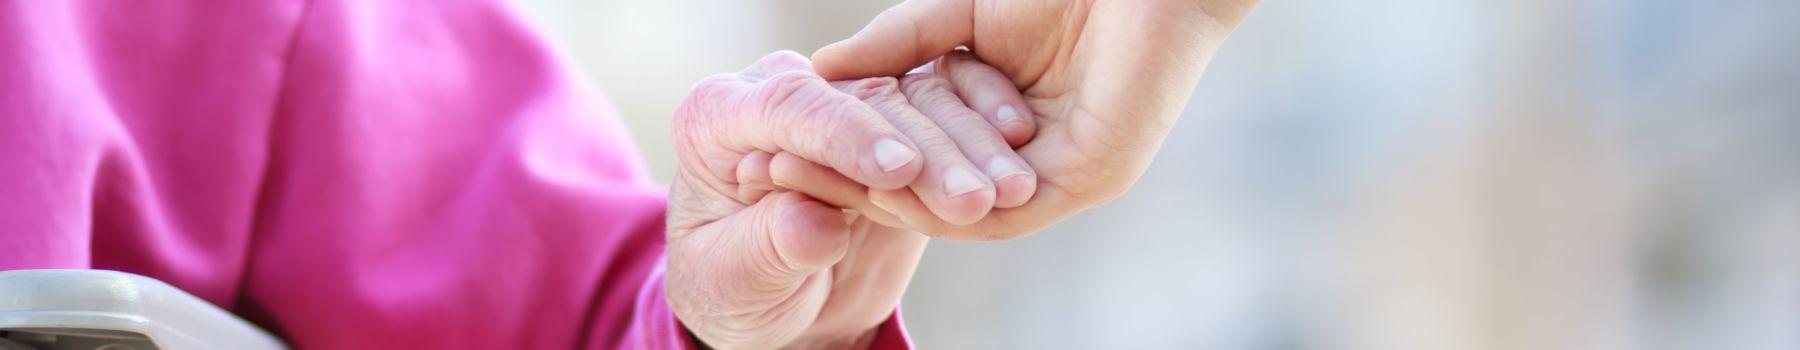 palliatieve zorg bij Zorggroep Sint Maarten - header